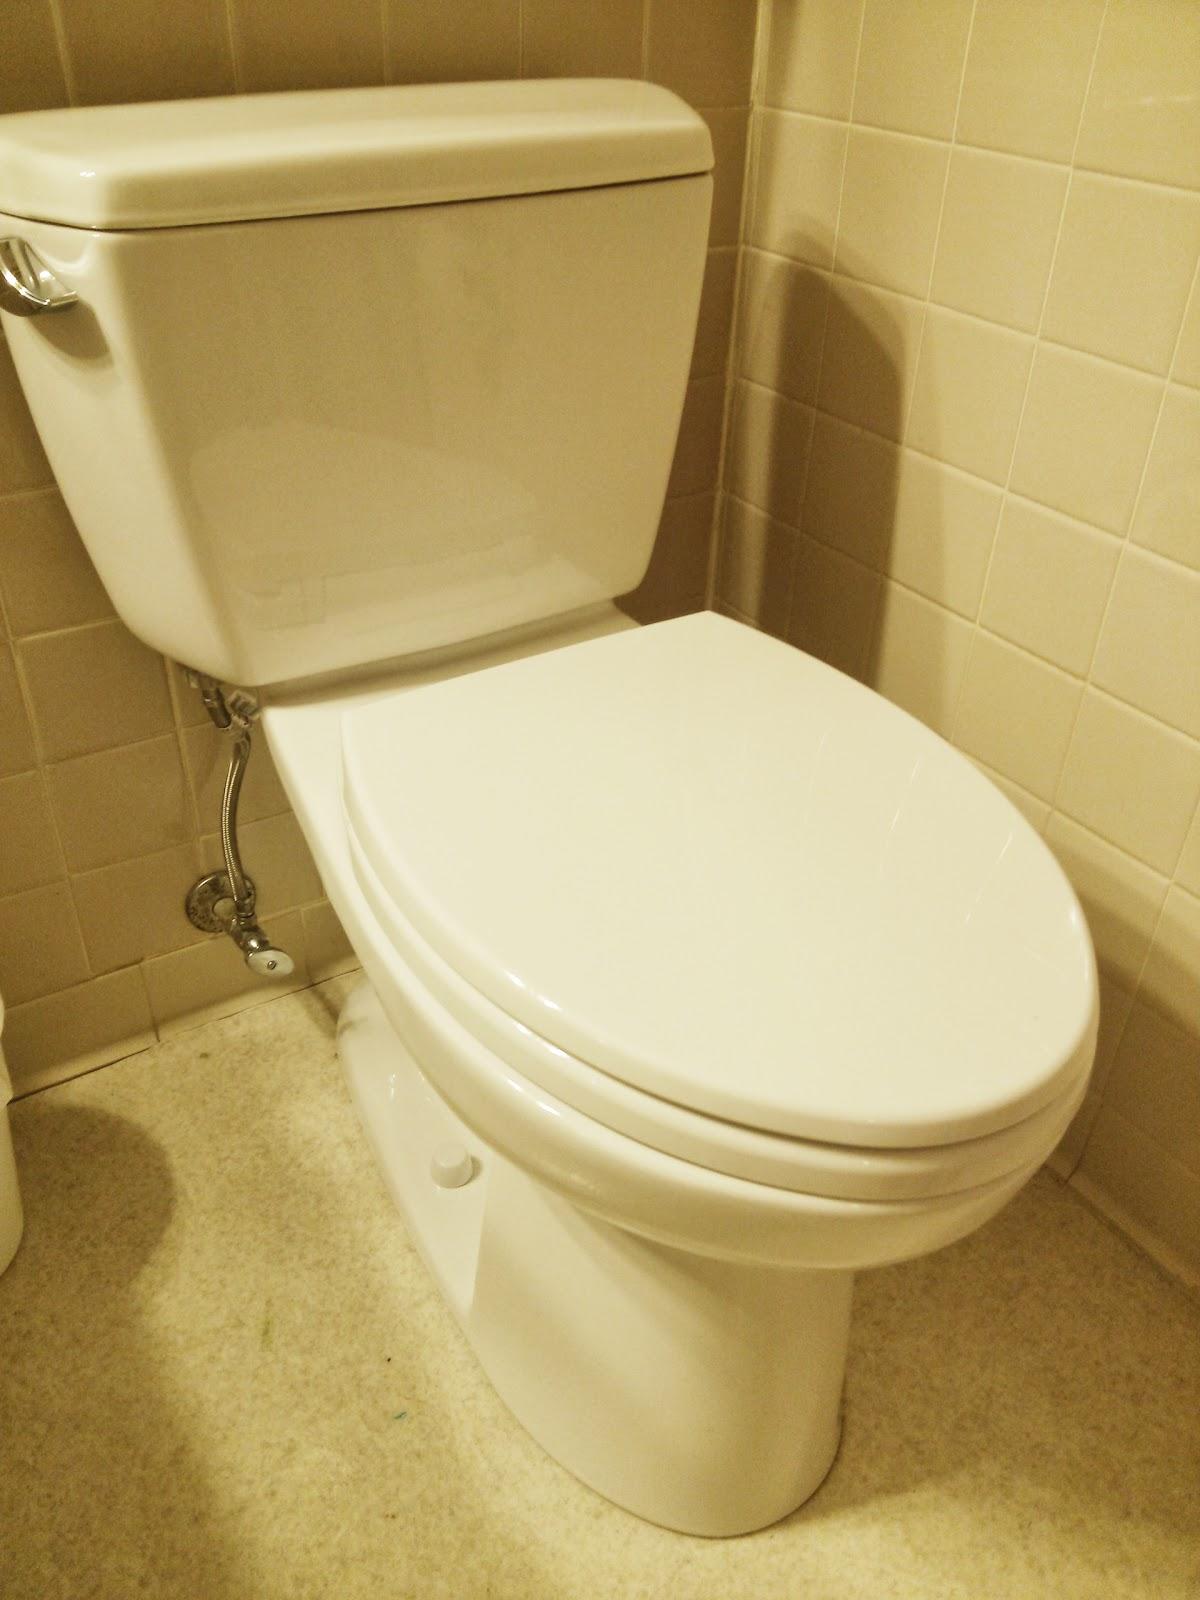 Bamboo Elongated Toilet Seat.Toilet Seat Elongated Bamboo Stylish ...